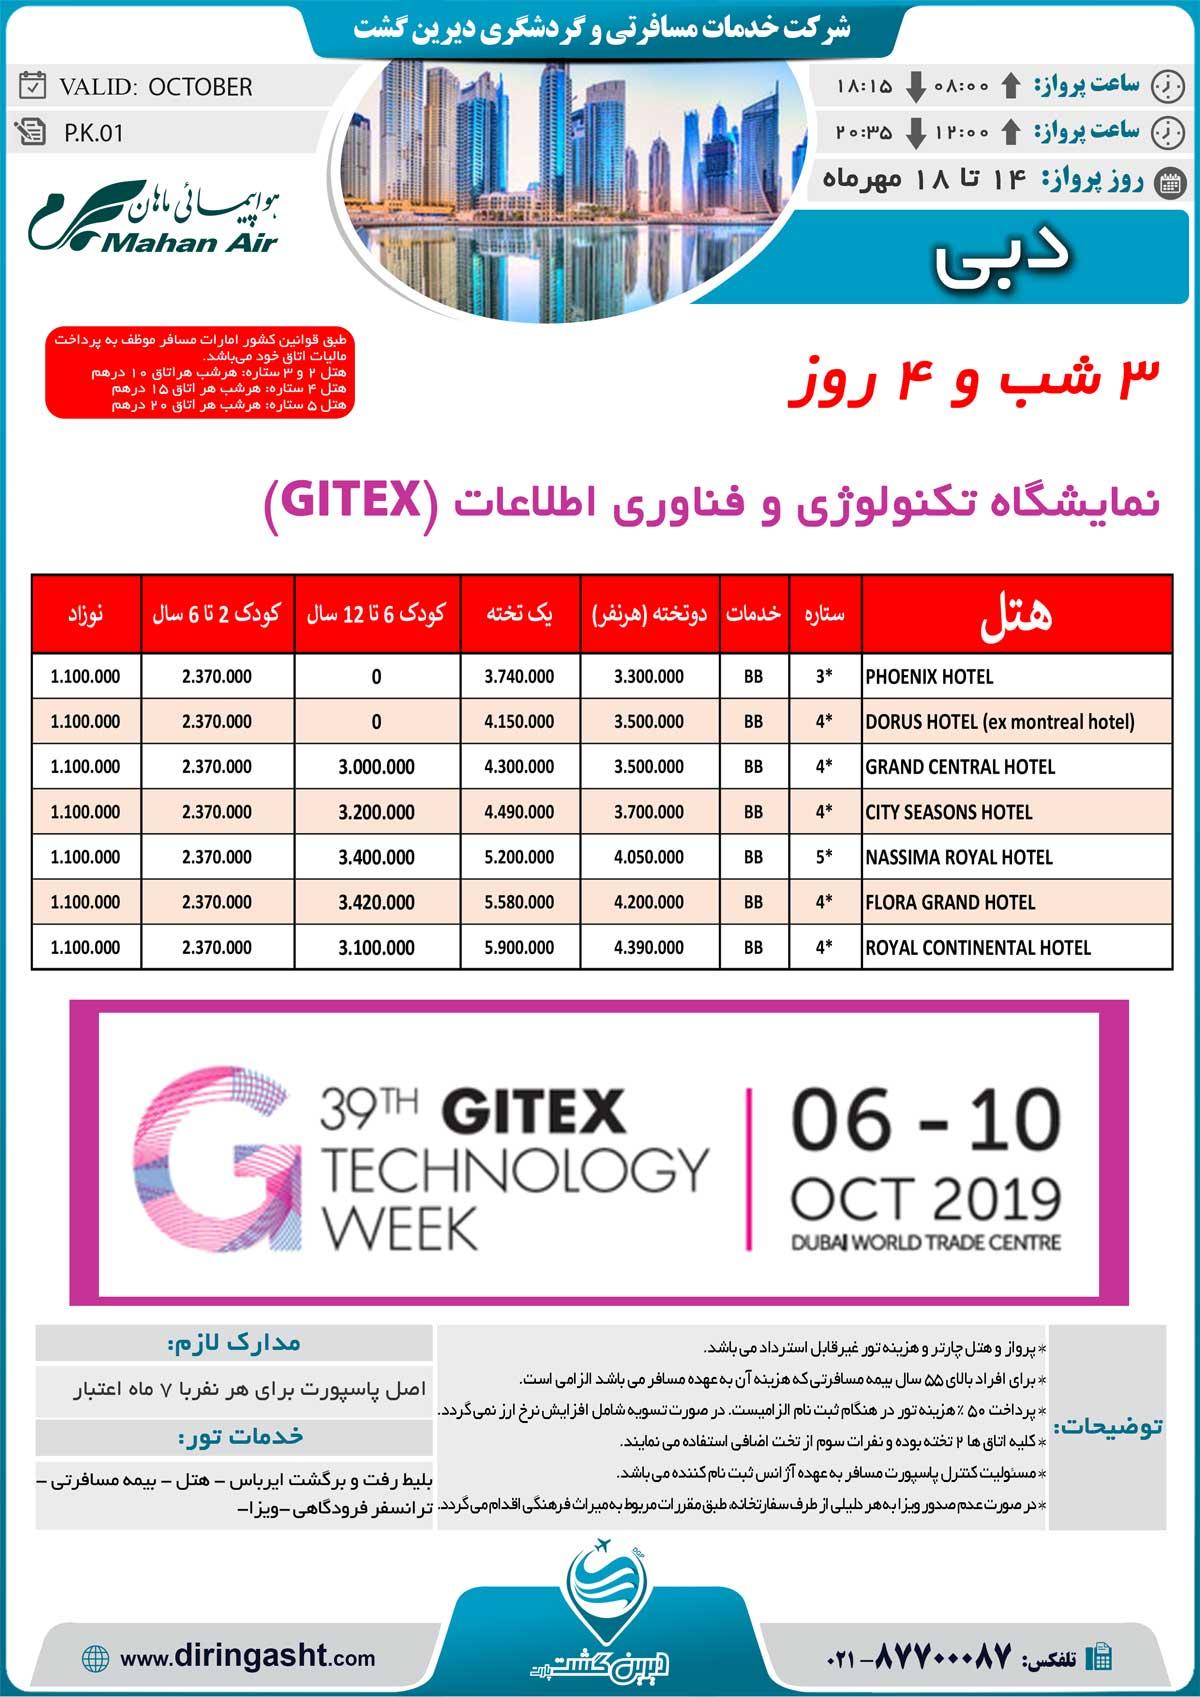 تور نمایشگاه تکنولوژی GITEX دبی